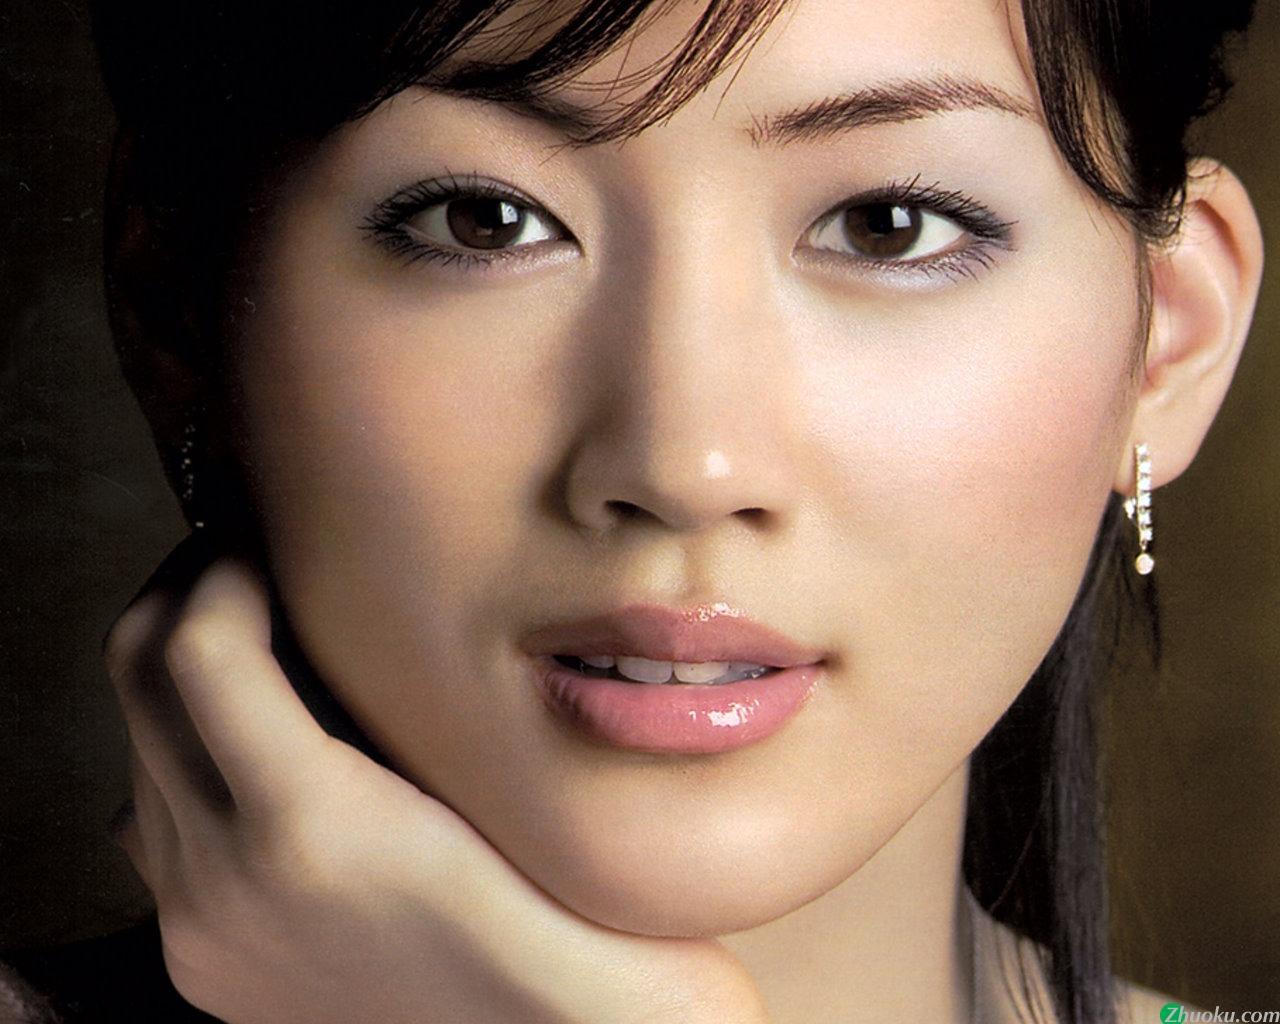 【驚き?】綾瀬はるかの本名は実はかなり意外であるという事実のサムネイル画像